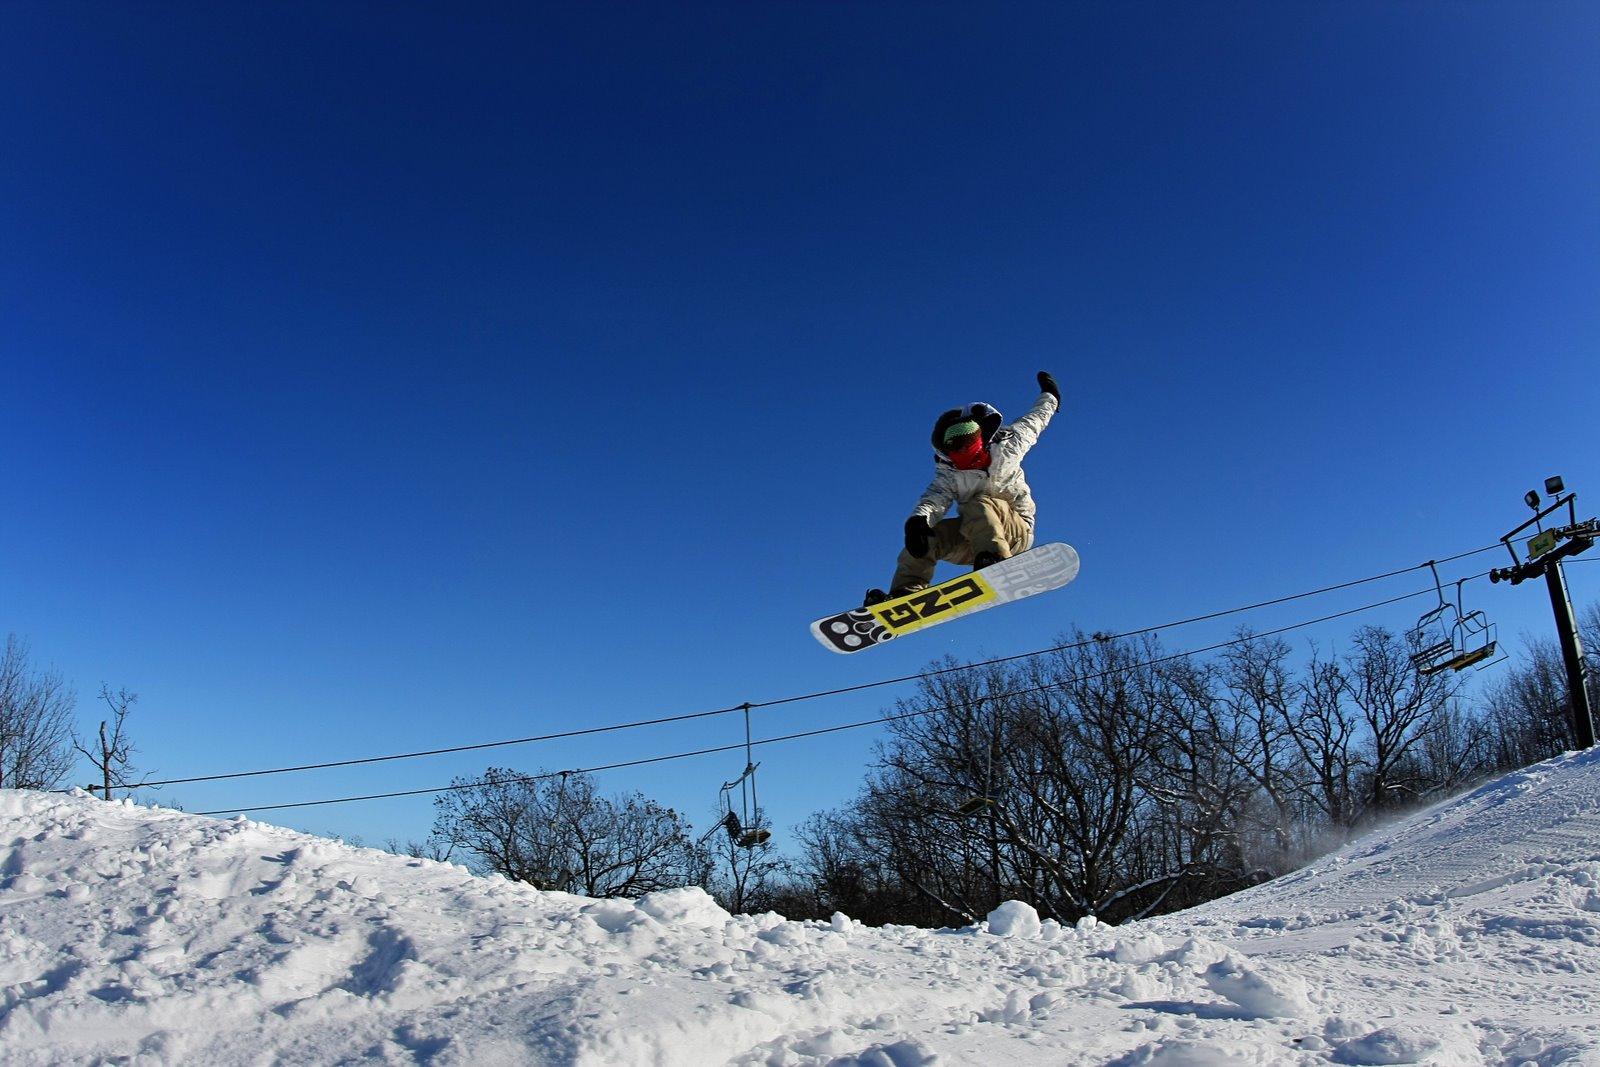 [snowboarder3.jpg]